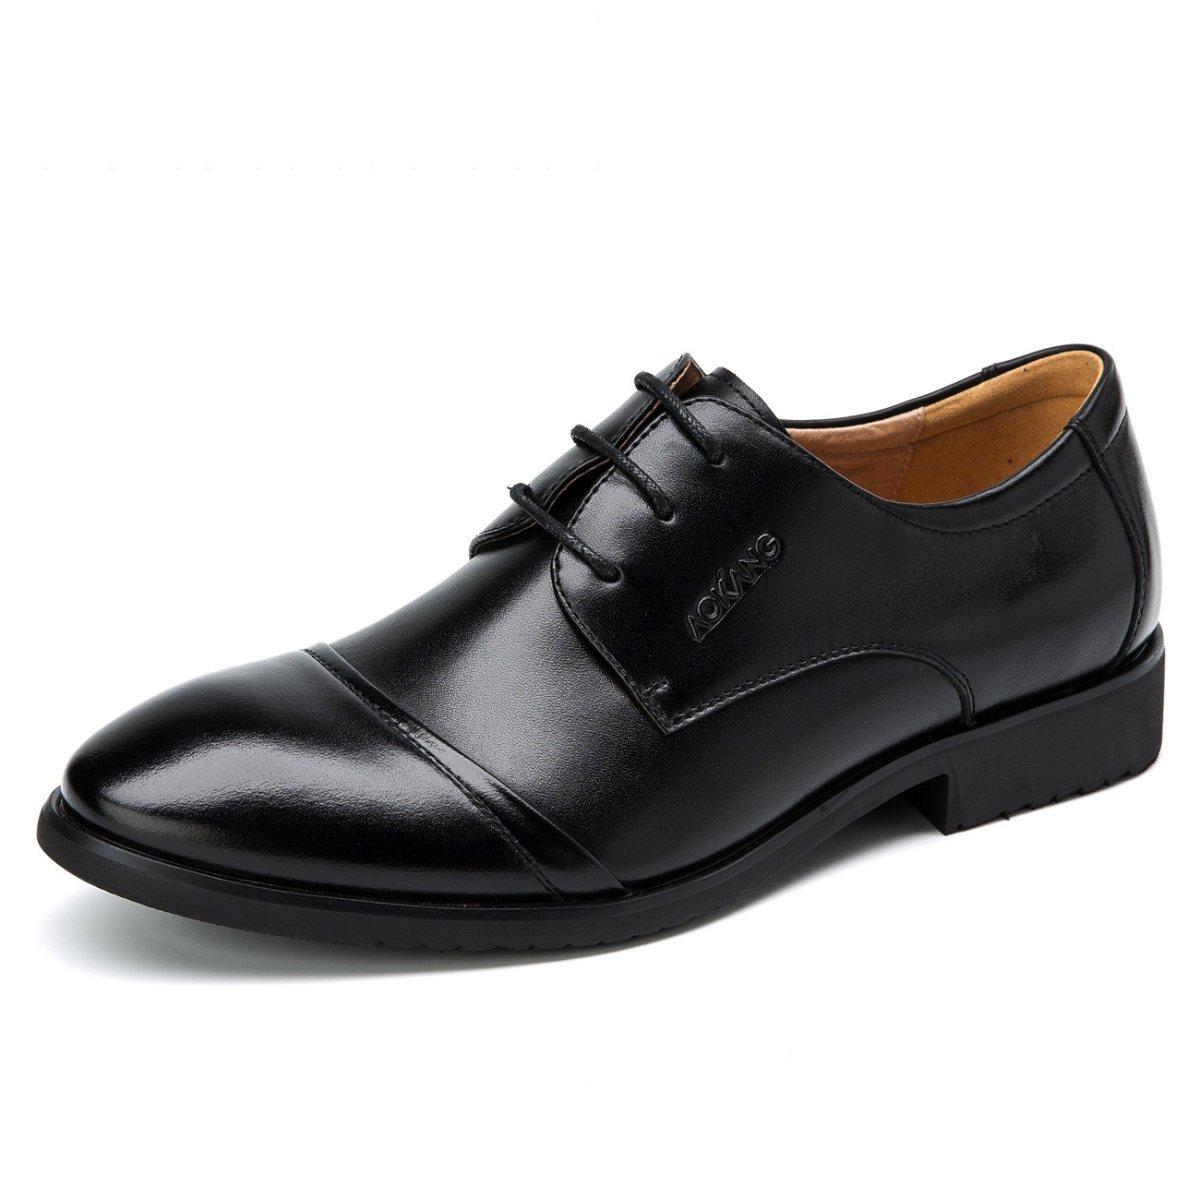 Gran De Cuero De Cuero De Negocios Puntas De Encaje Zapatos De Cuero De Los Hombres De Baja 39|Black